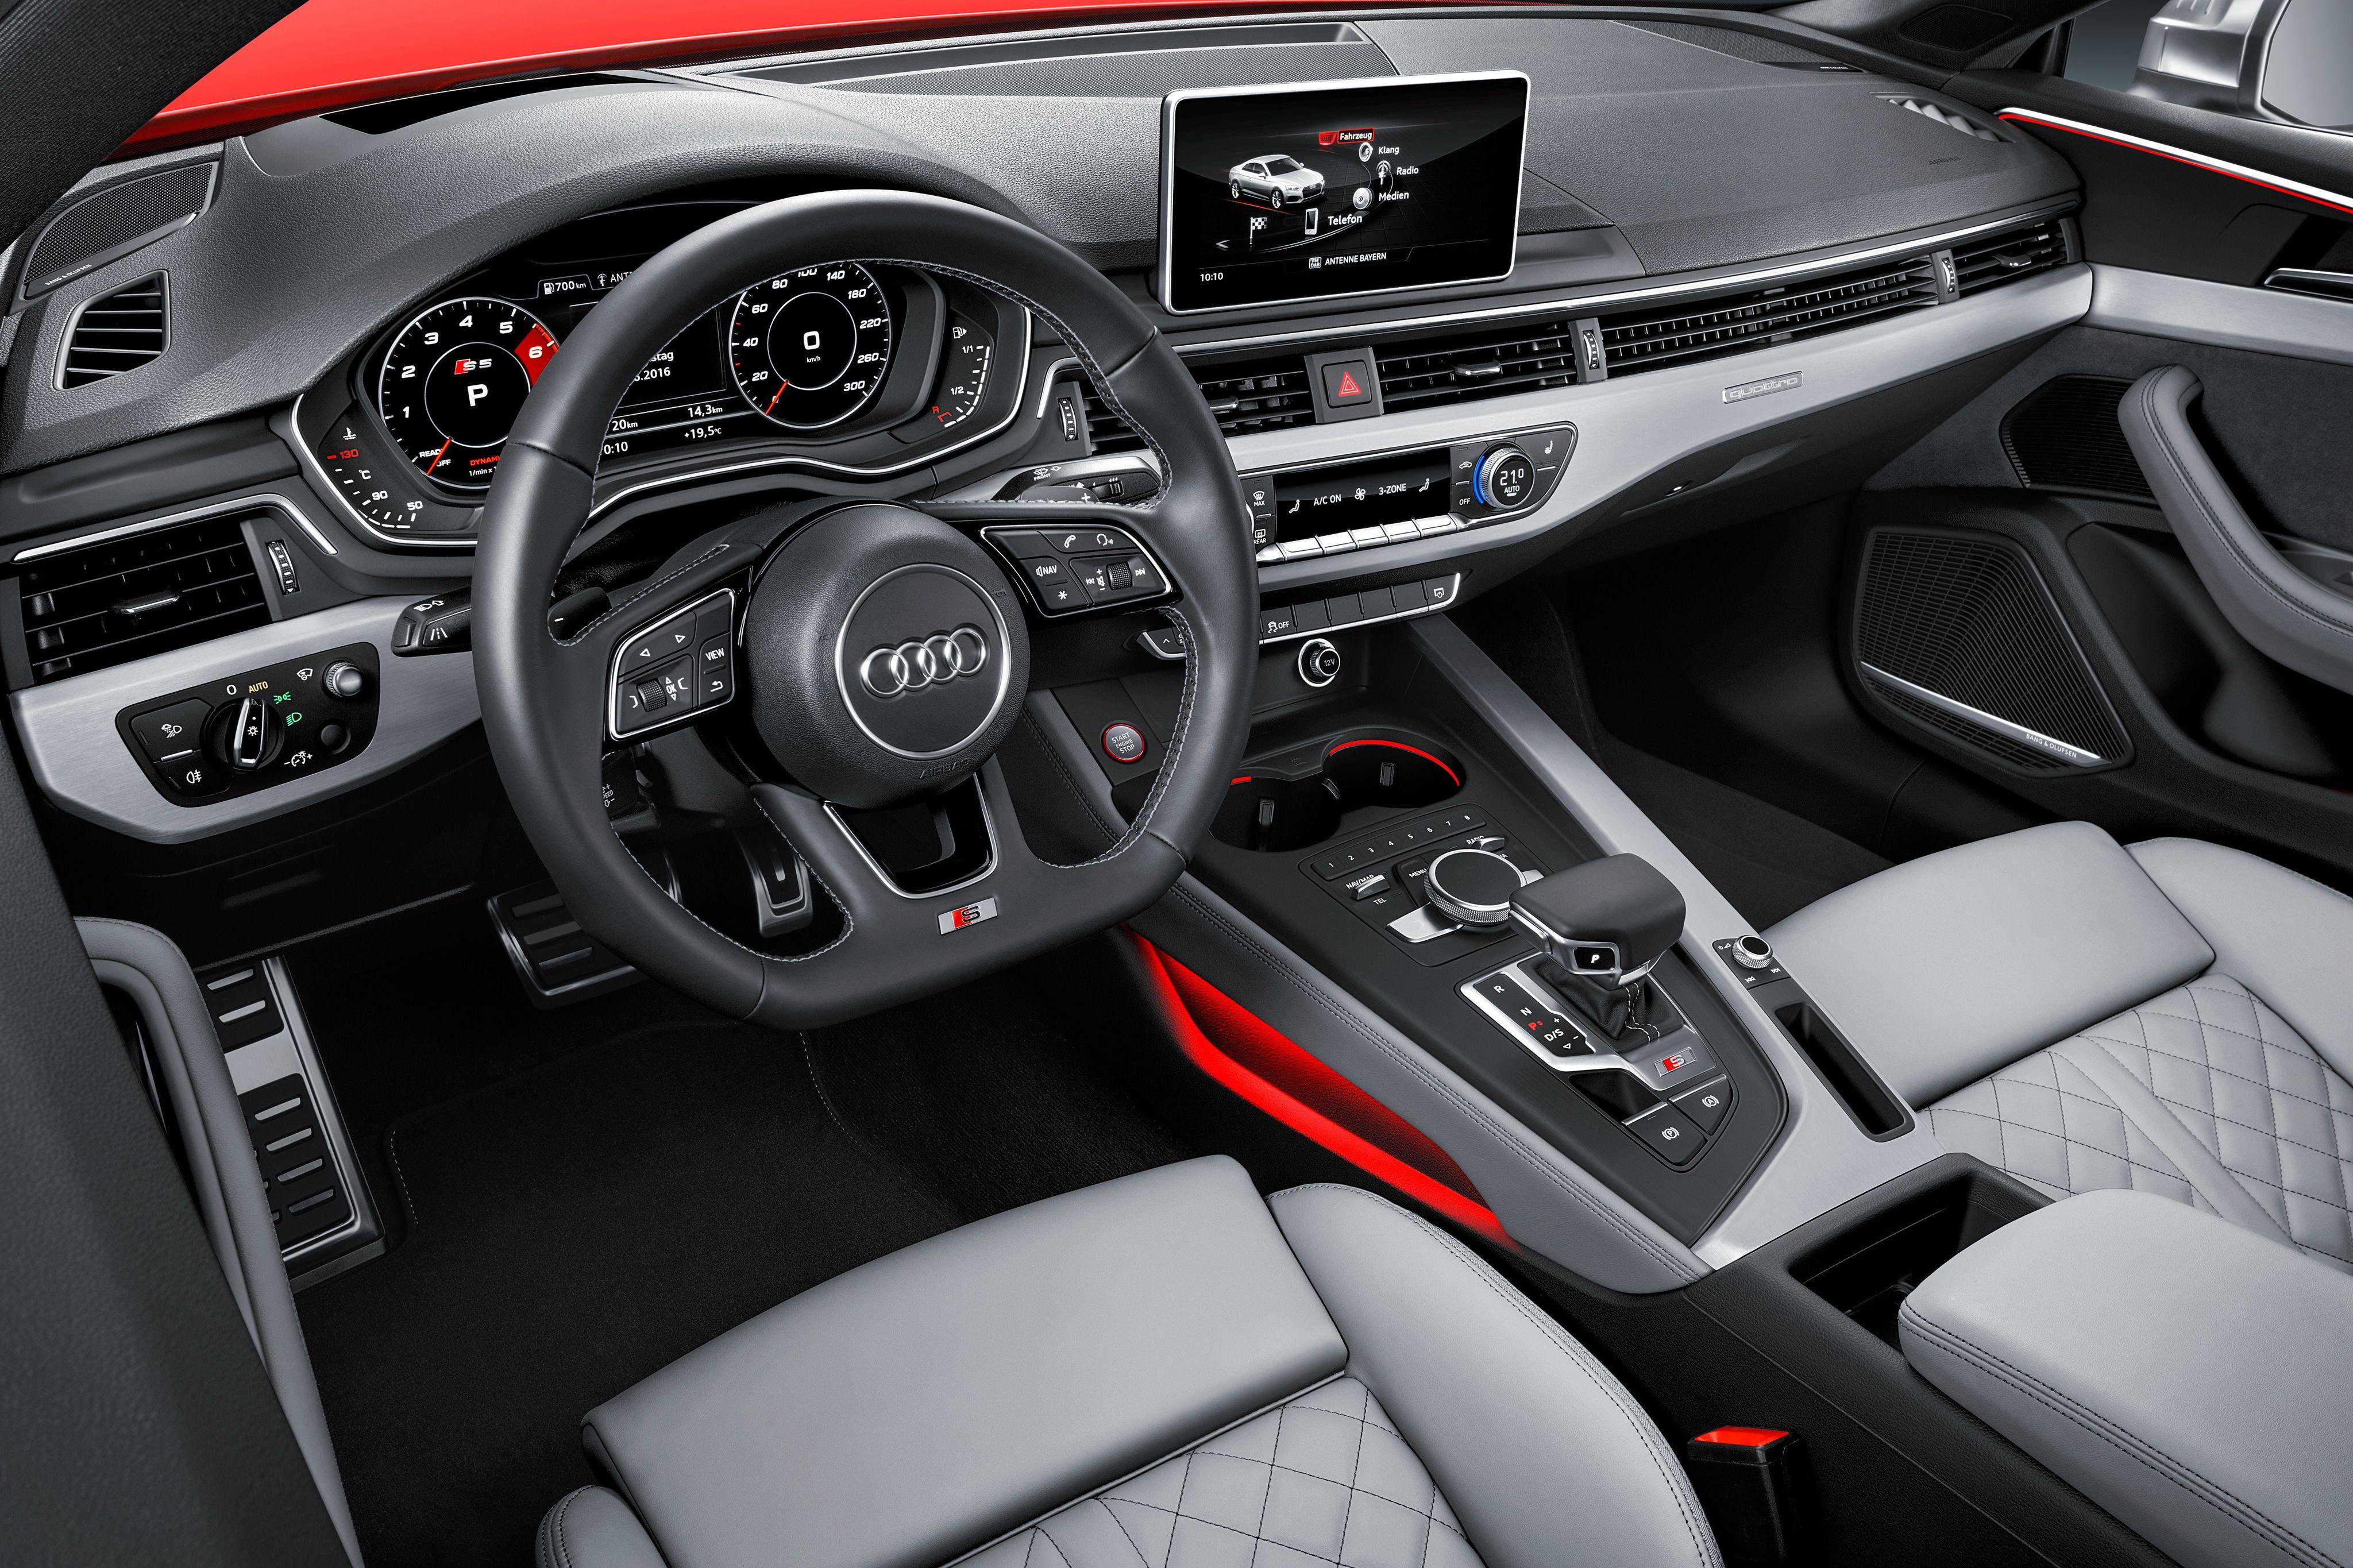 Kekurangan Audi Rs5 2016 Murah Berkualitas